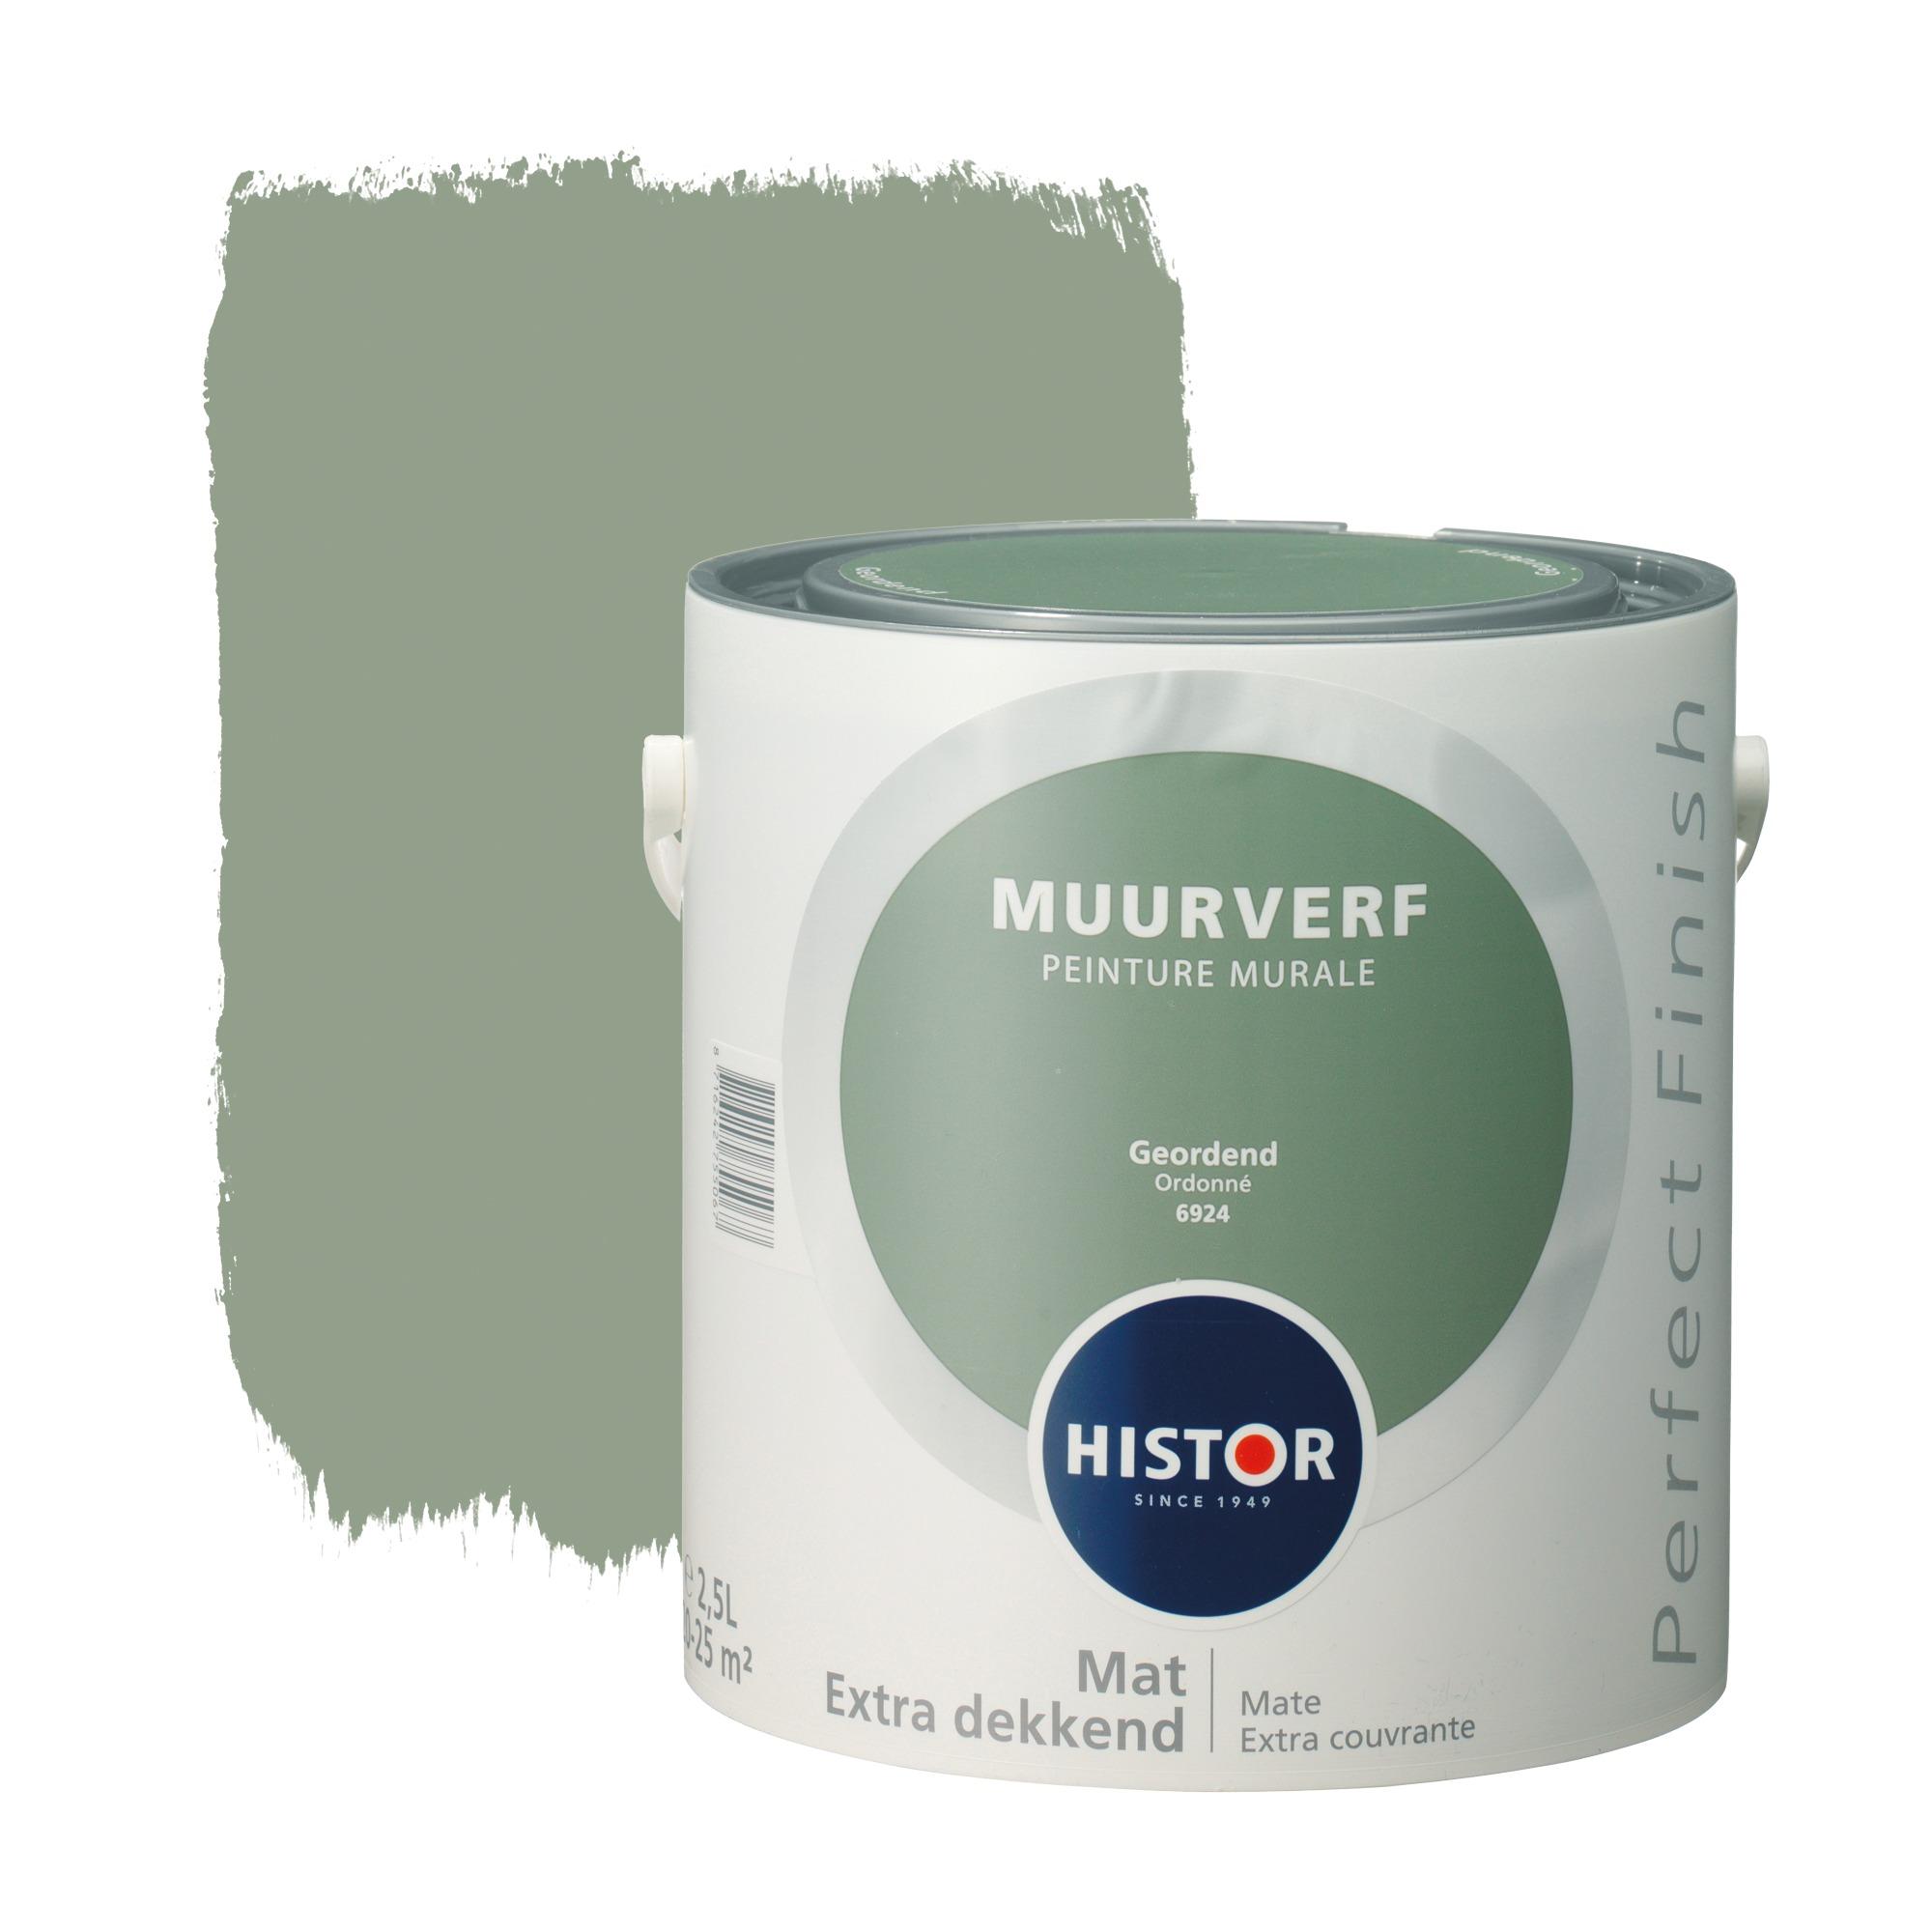 Histor perfect finish muurverf mat geordend 6924 2,5 l